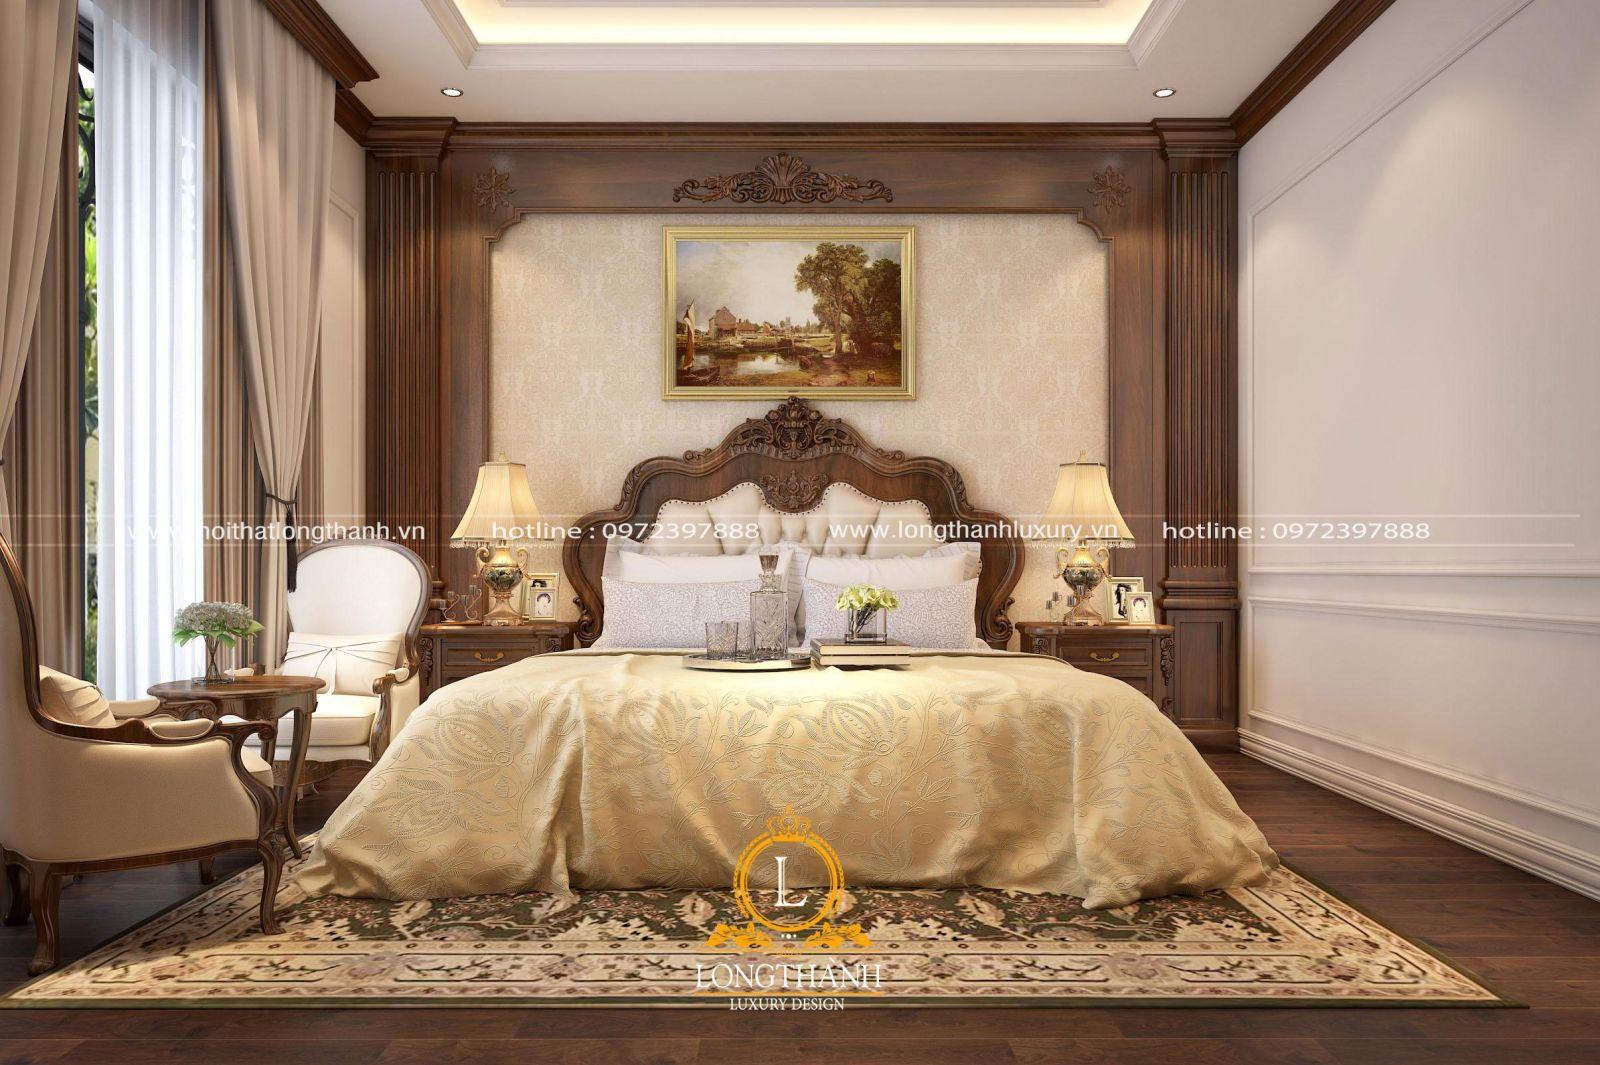 Thiết kế phòng ngủ tân cổ điển sang trọng và tinh tế